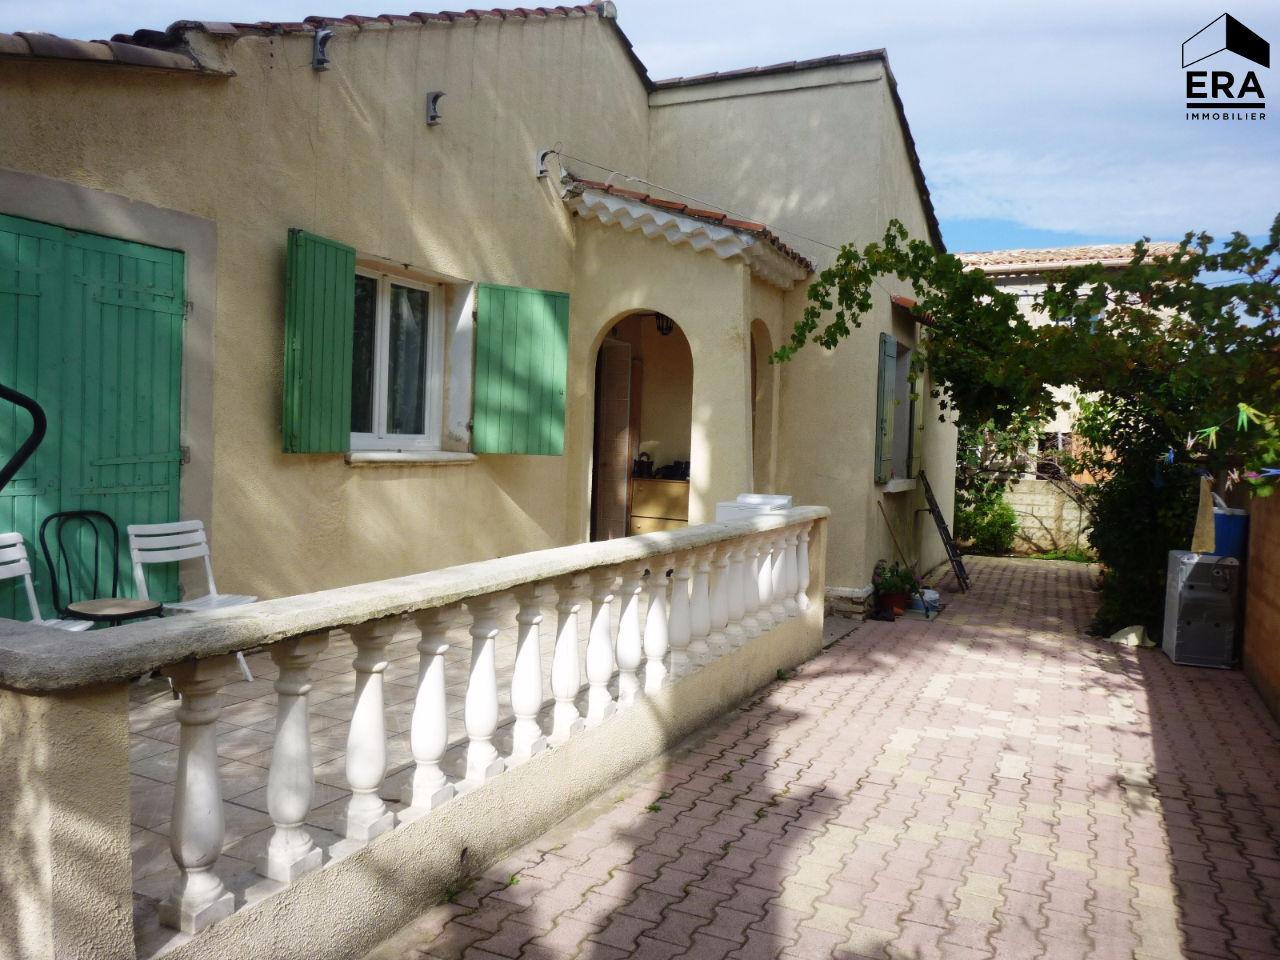 Maison bagnols sur ceze bagnols sur c ze 30200 for Garage paulus bagnols sur ceze